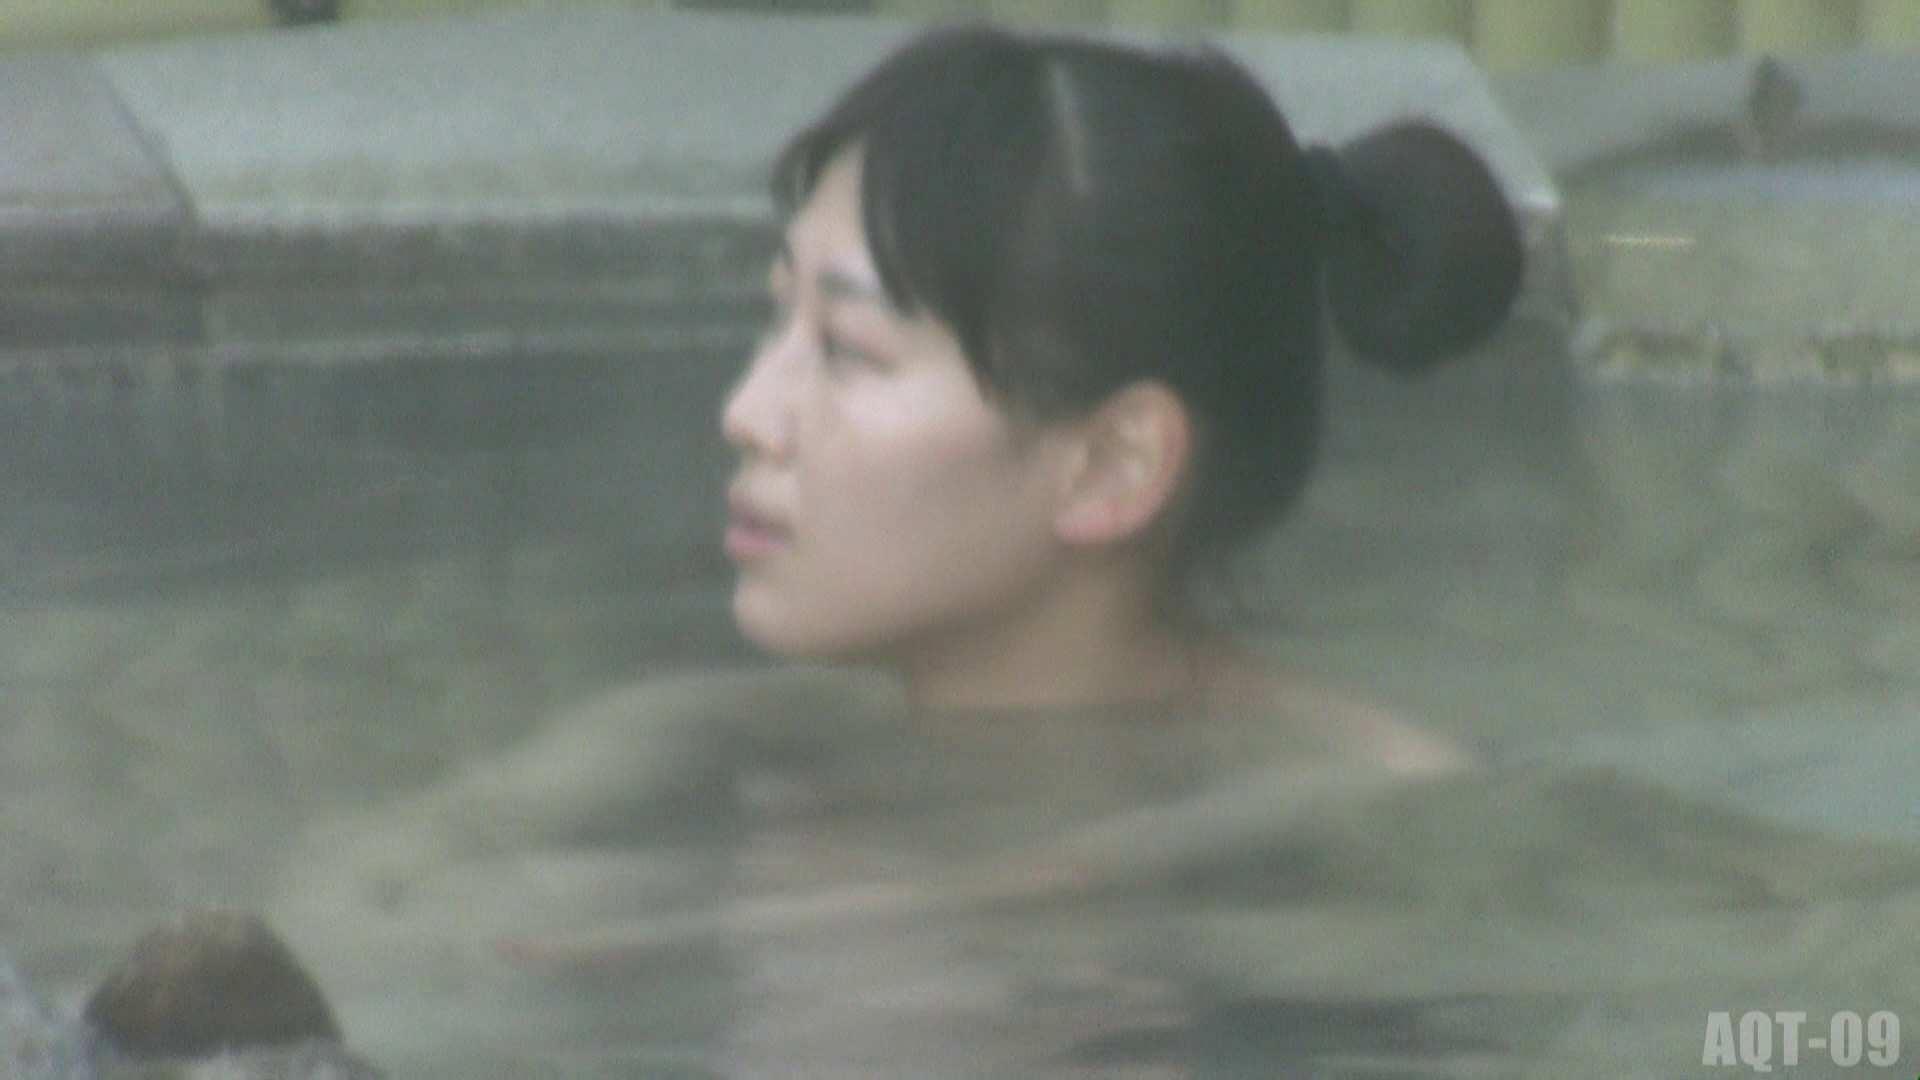 Aquaな露天風呂Vol.785 盗撮 | 露天  71pic 14